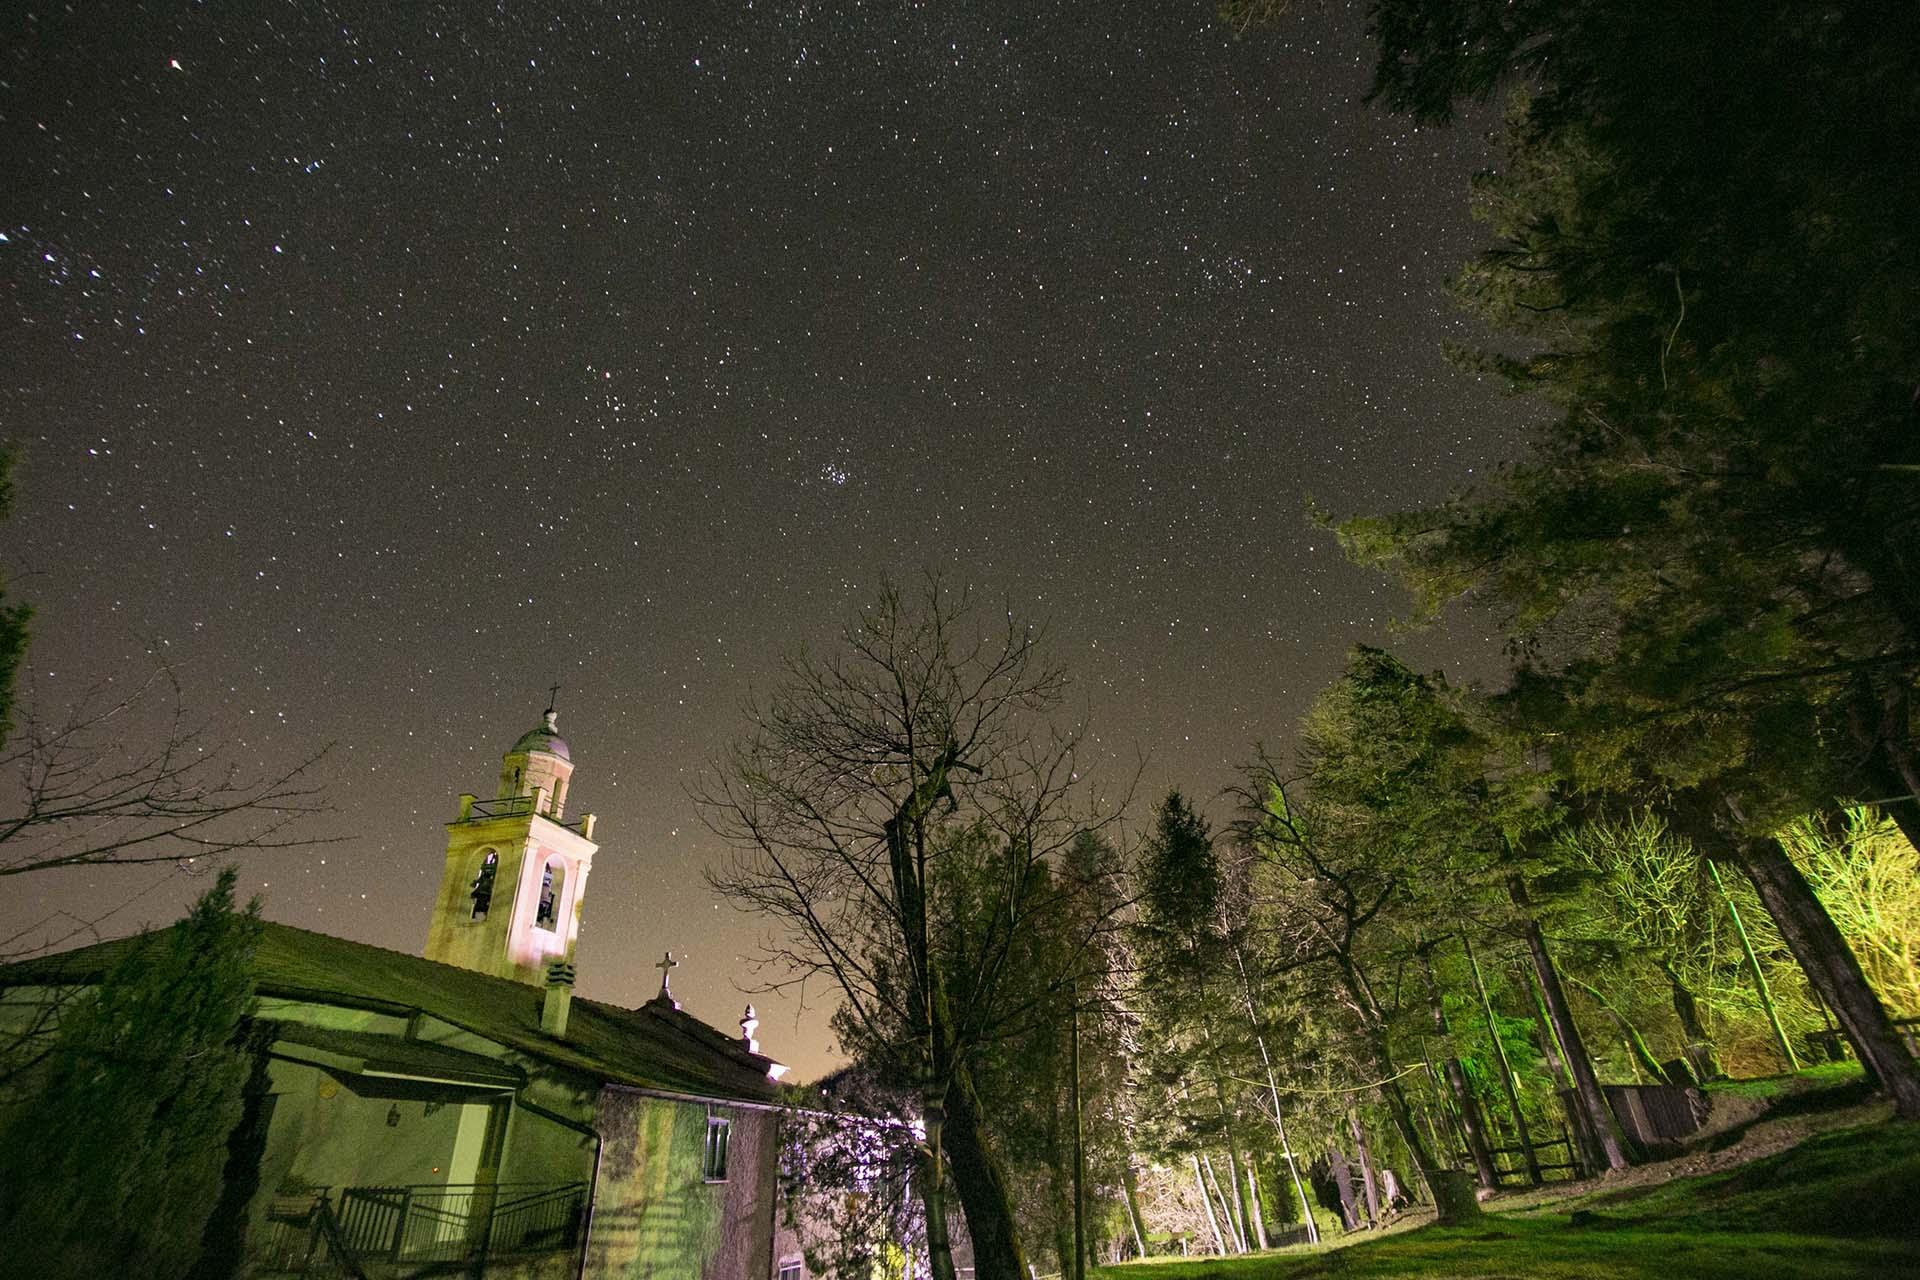 Semovigo winter night